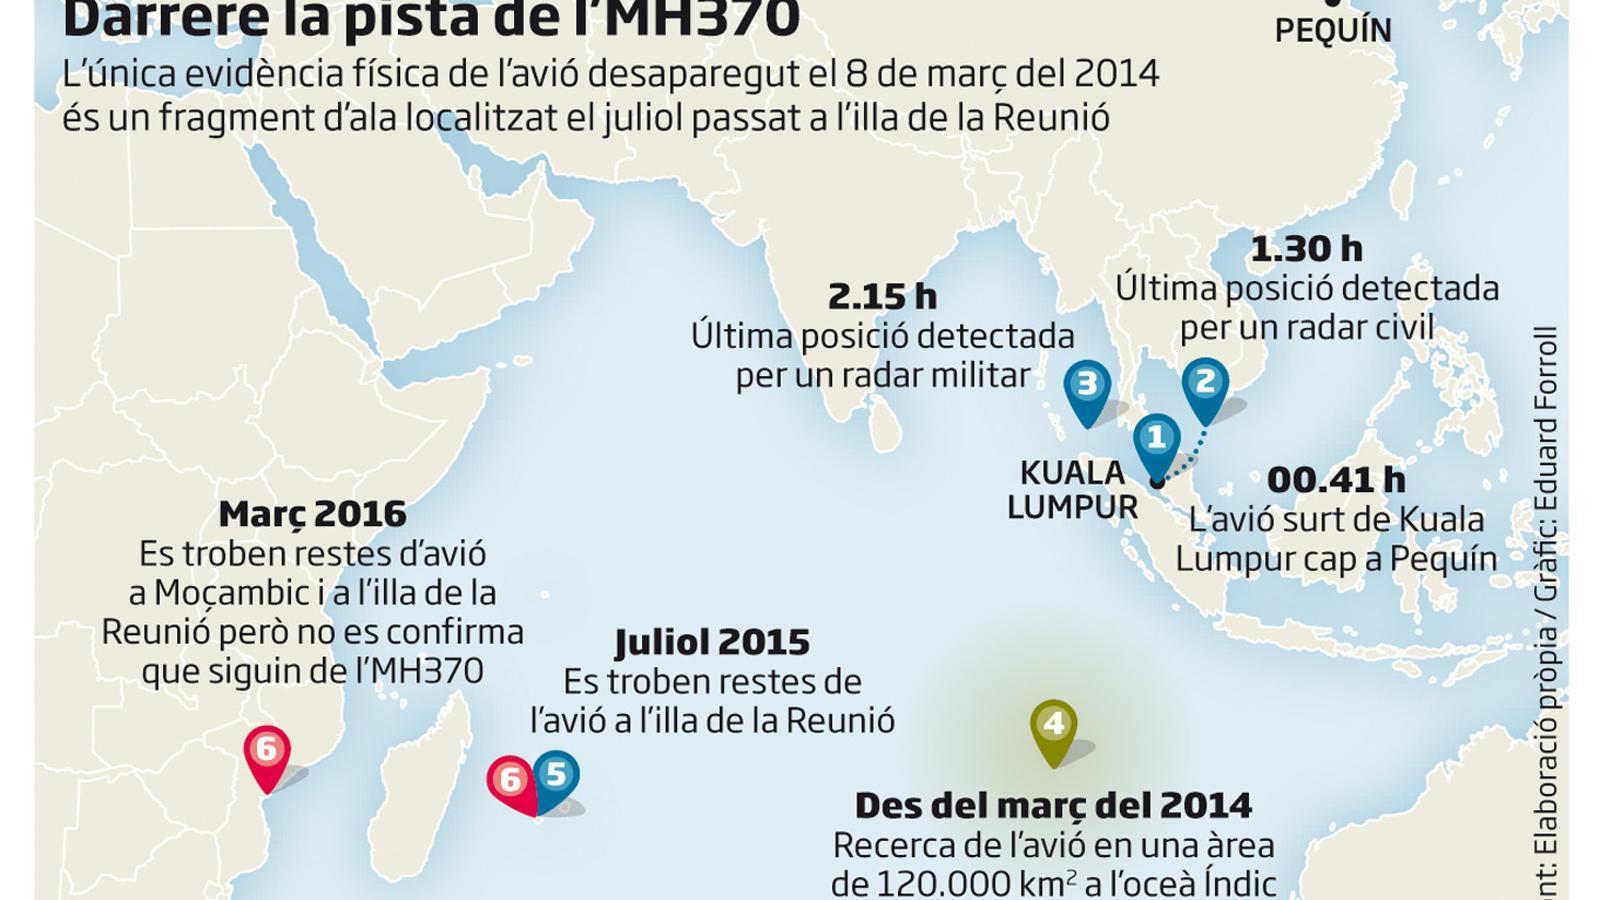 Darrere la pista de l'MH370 - Estat de la recerca (març 2016)